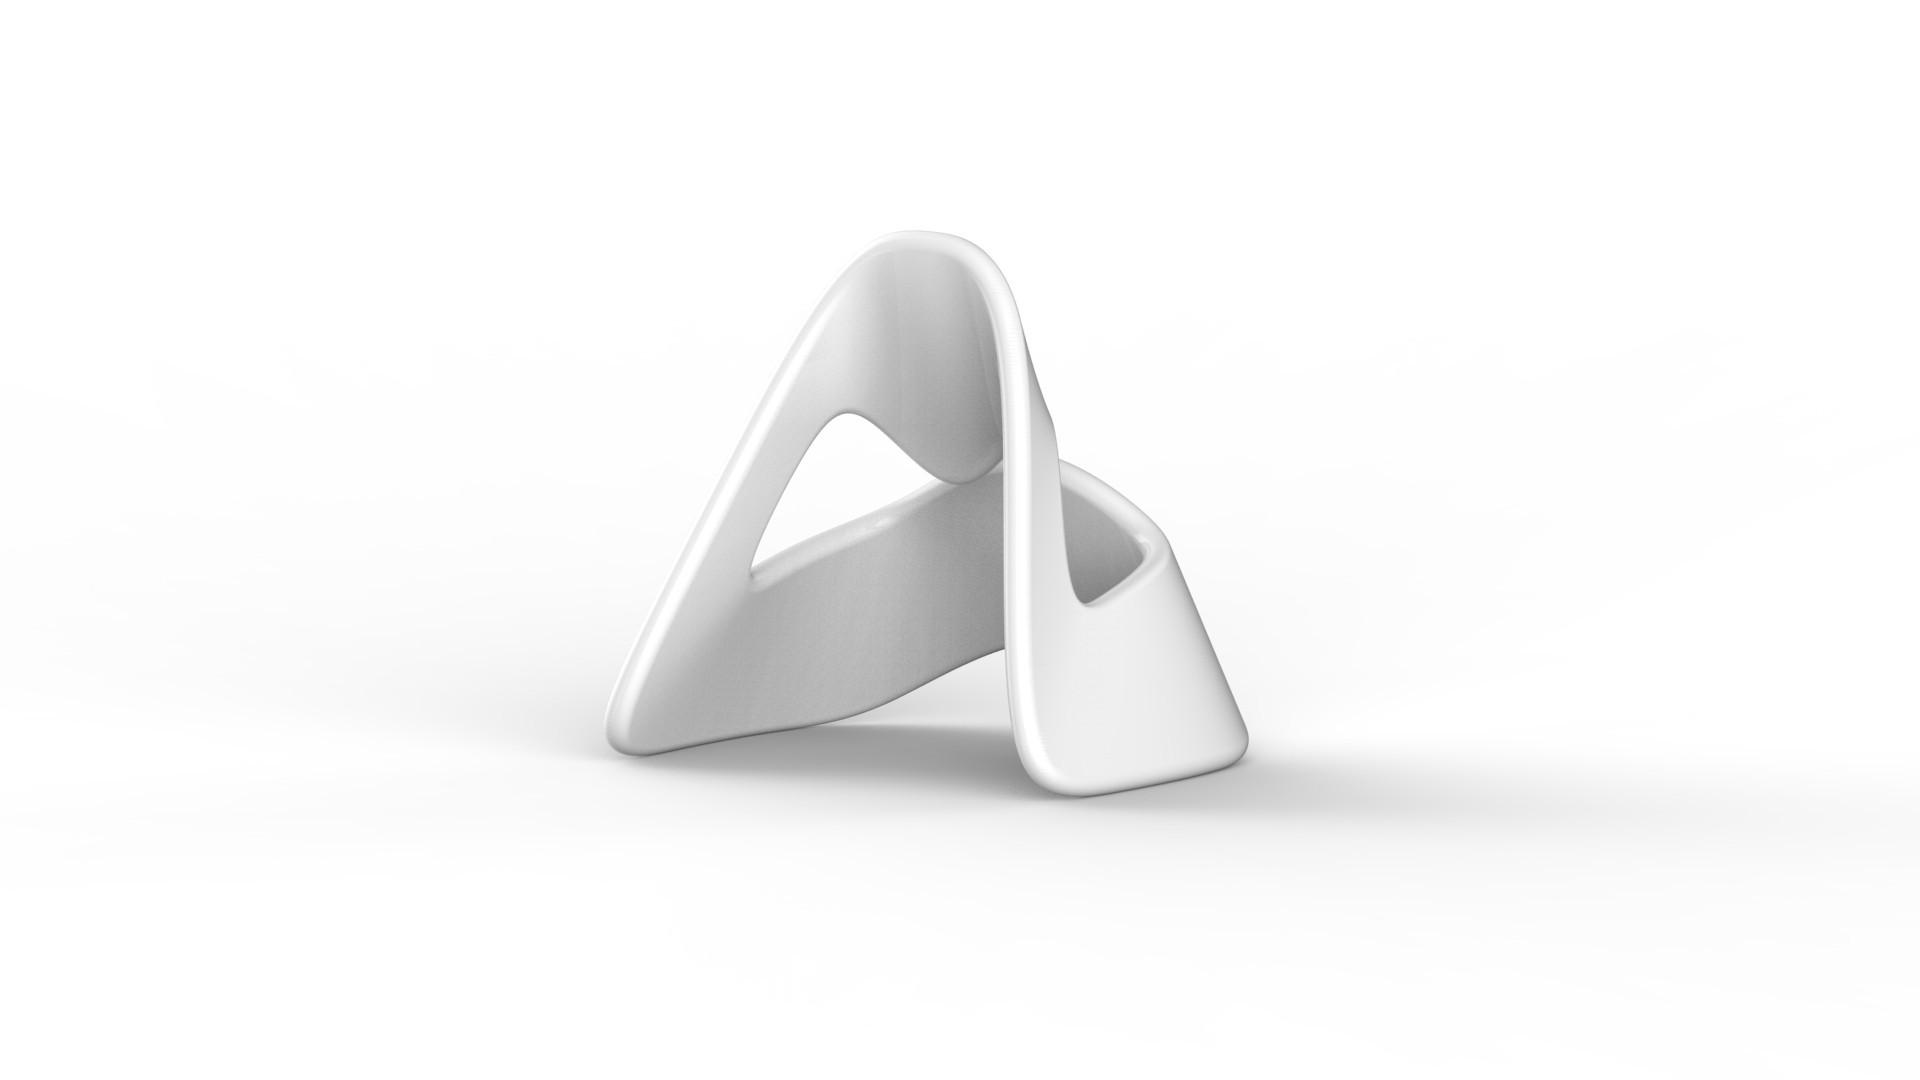 untitled.3416.jpg Download STL file Mask phone holder • 3D printer object, 2LA